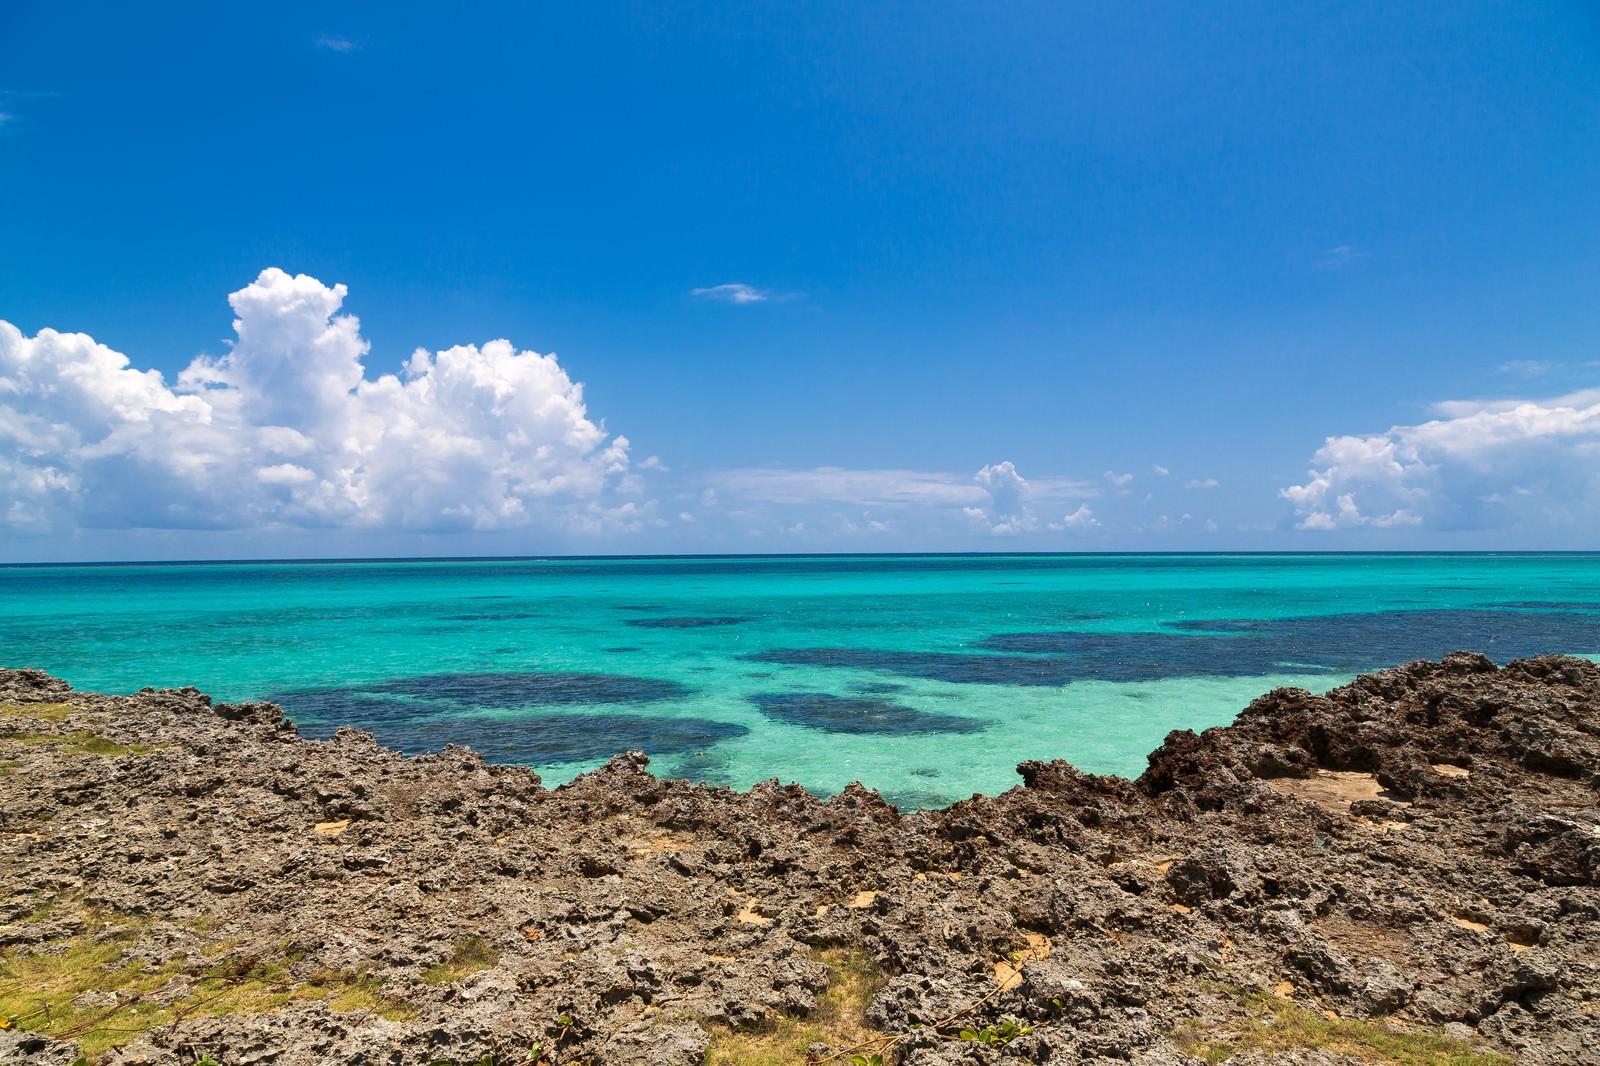 「池間島の青い海」の写真